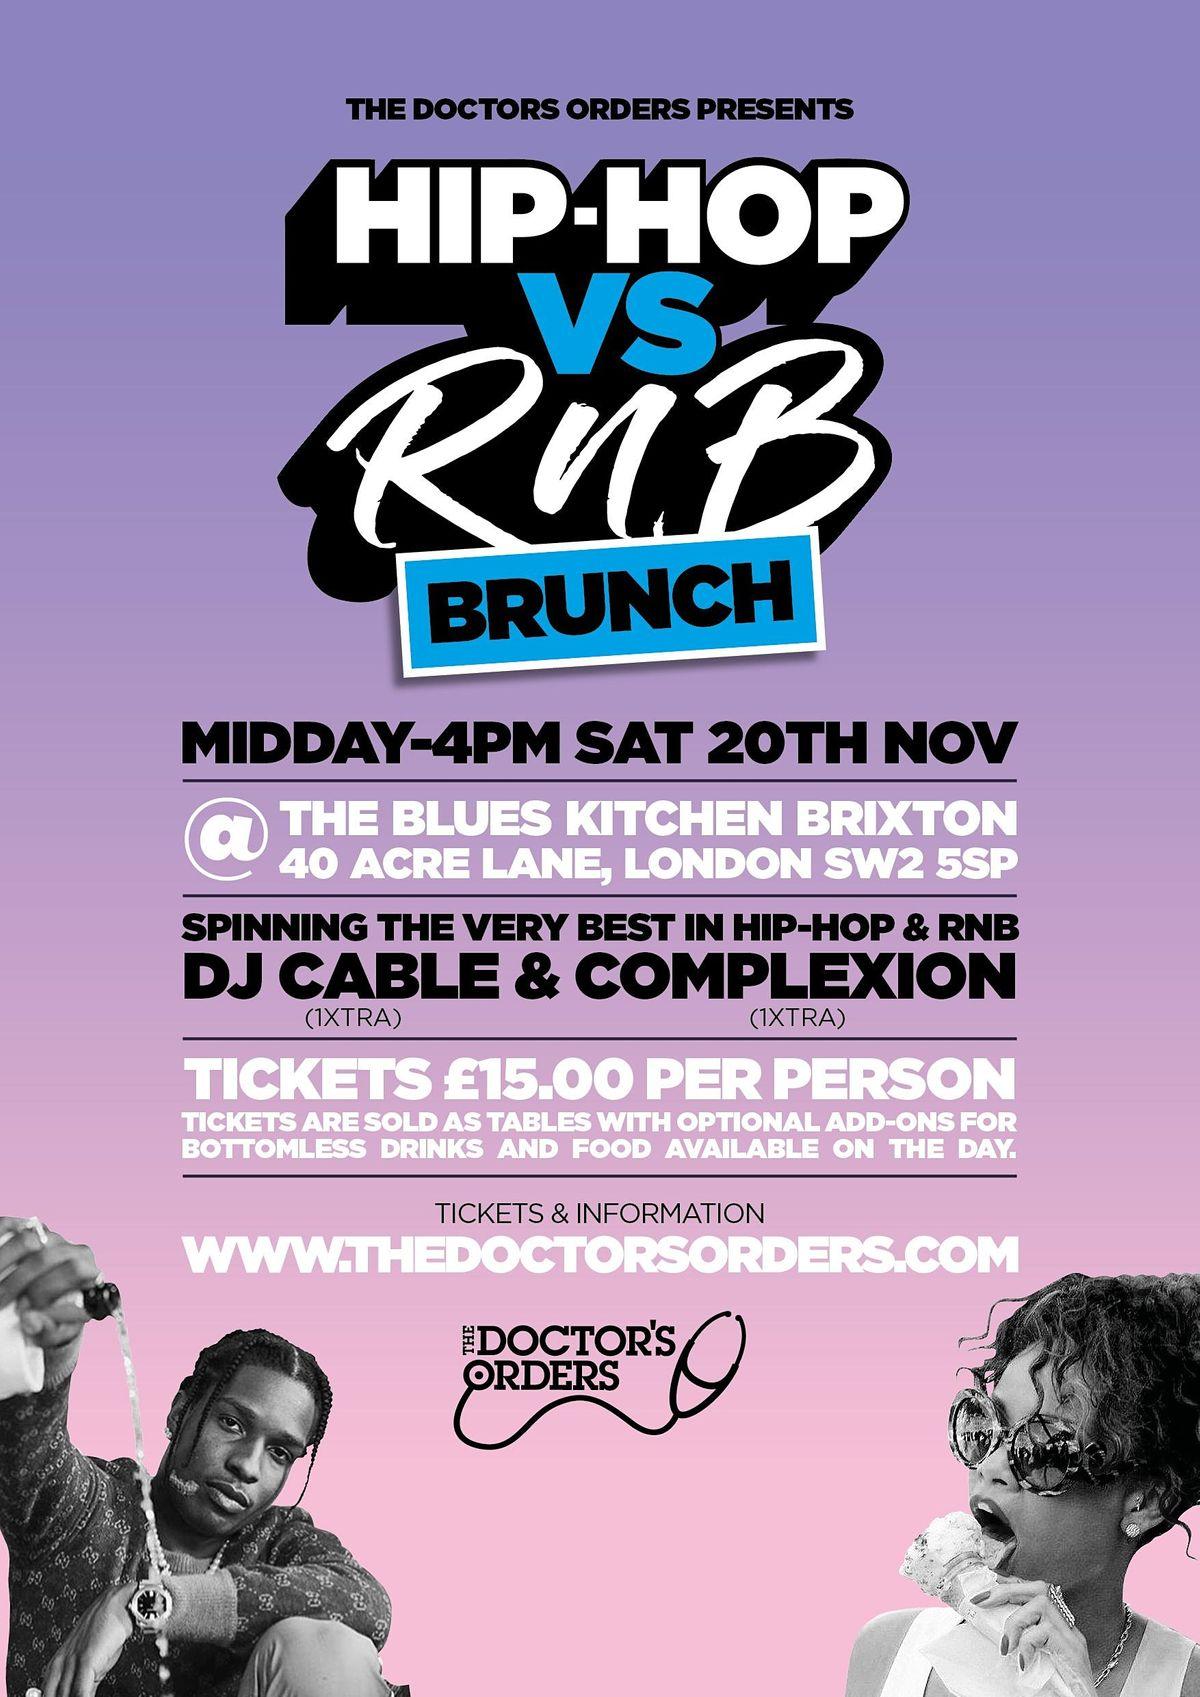 Hip-Hop vs RnB Brunch, 20 November | Event in London | AllEvents.in